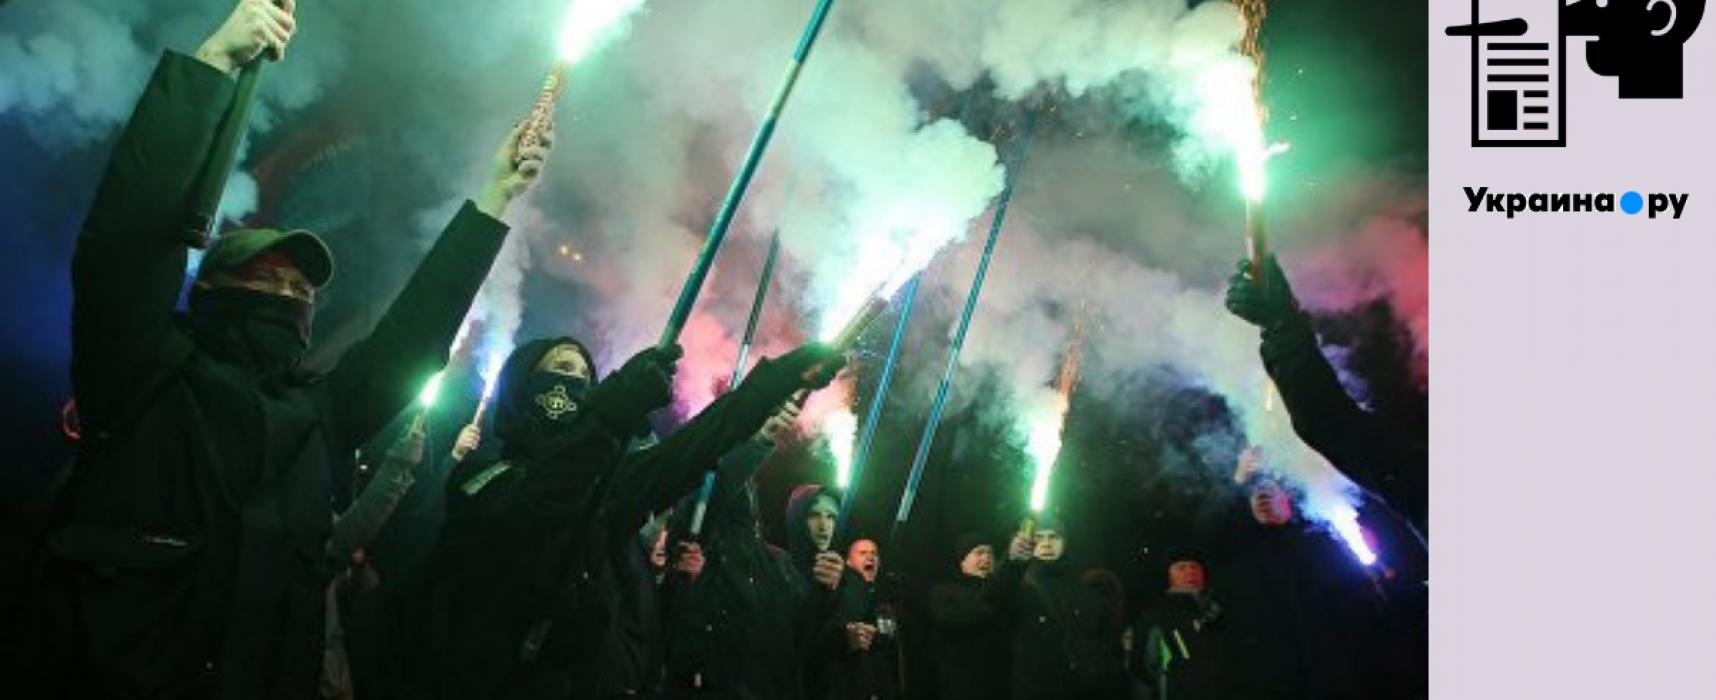 Фейк: «Шпрехен-фюреры» будут карать за отказ использования украинского языка